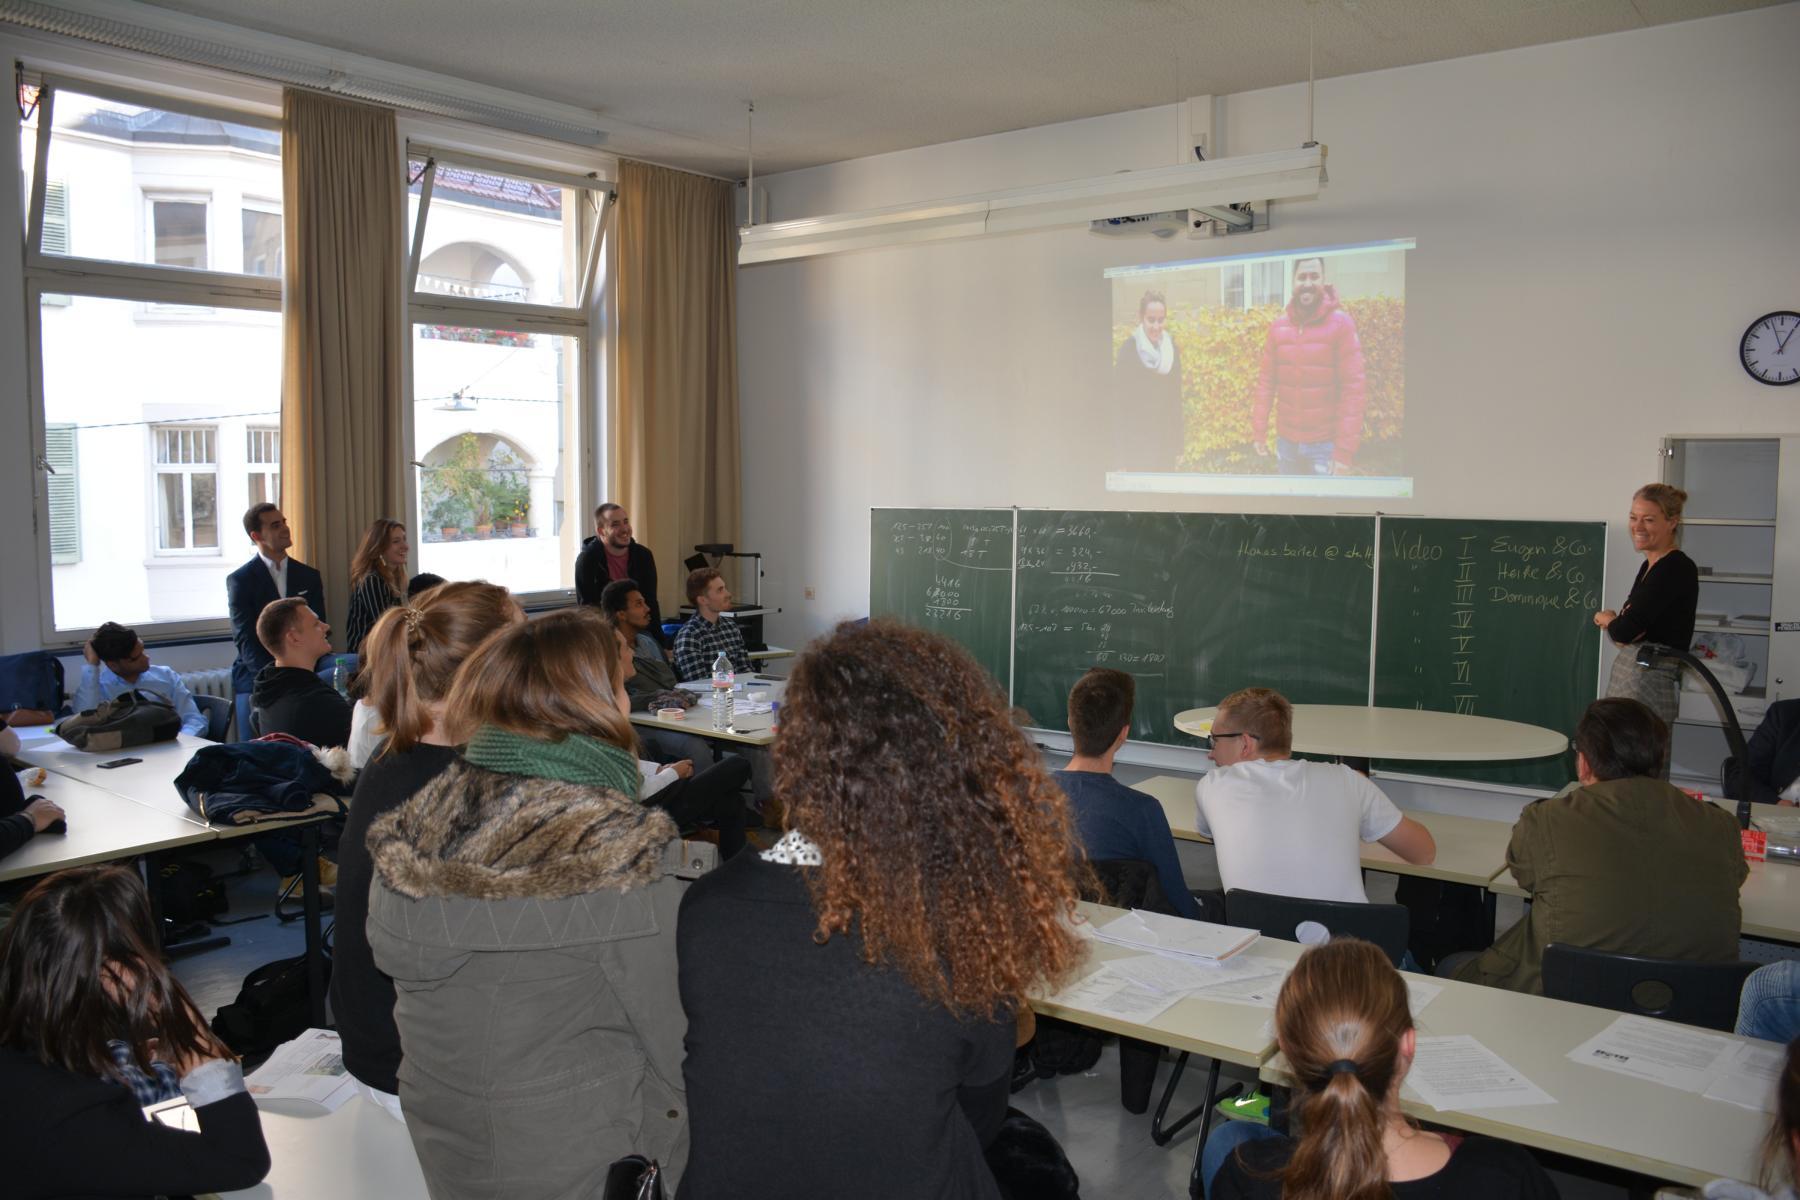 Präsentation der Explain-it-Videos